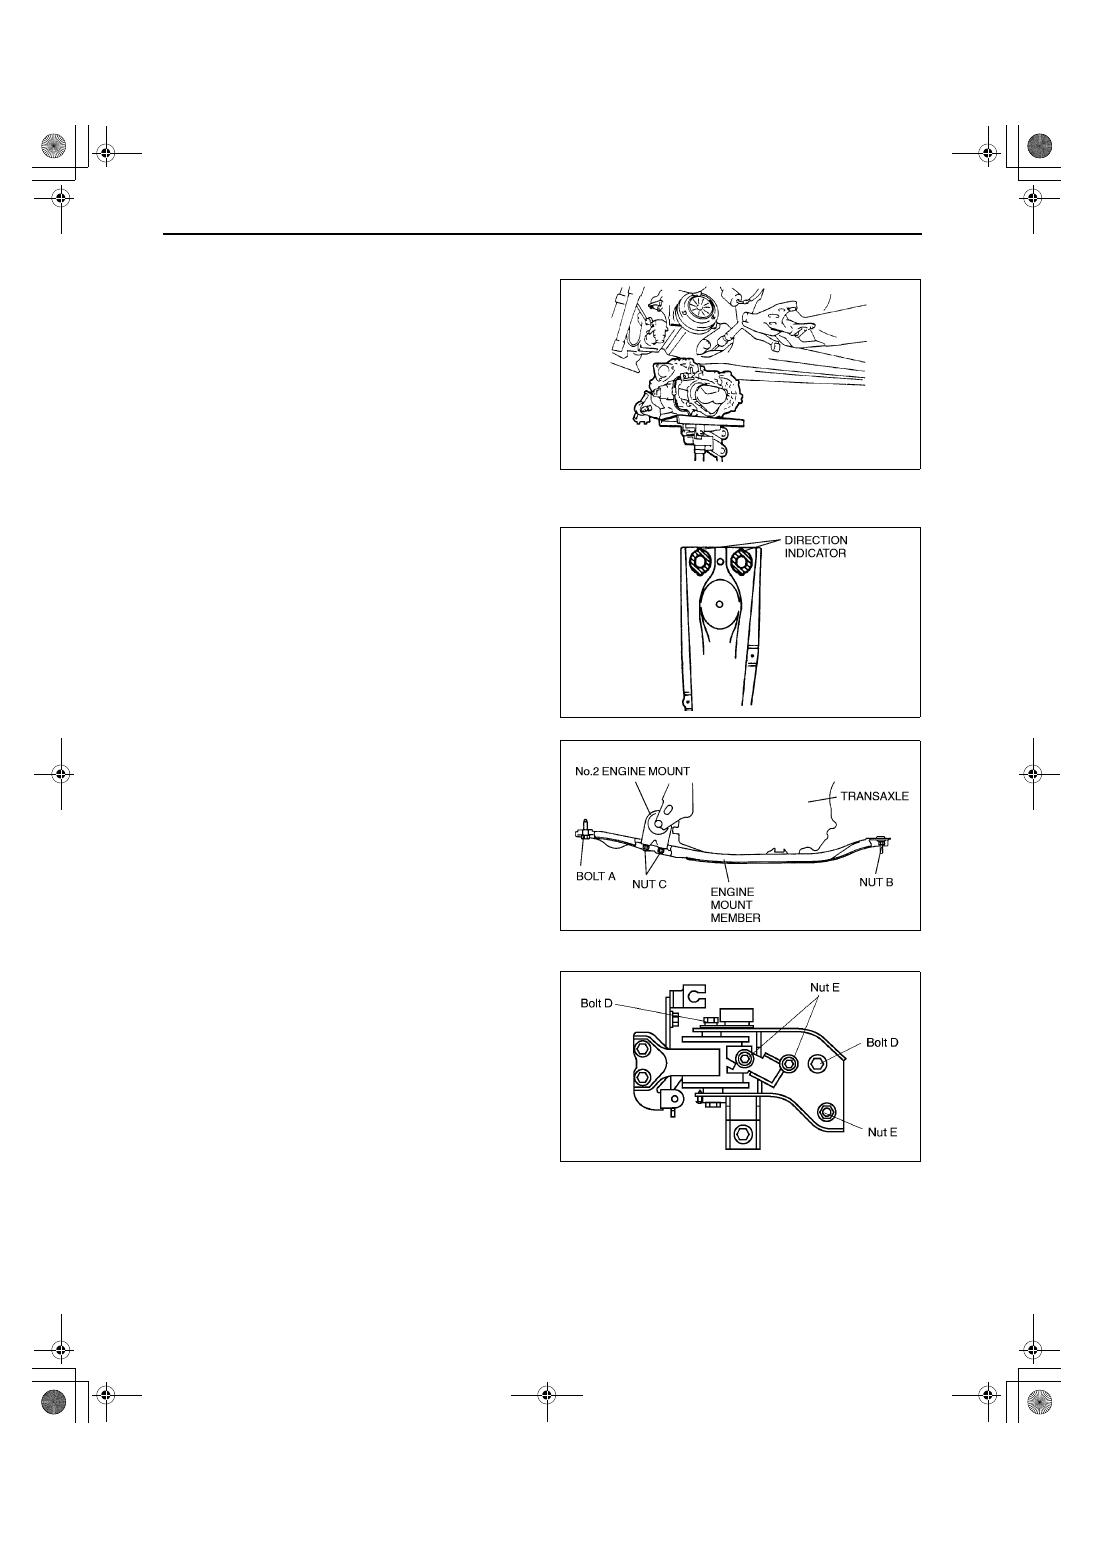 mazda protege 5 manual part 247 rh zinref ru Peerless Transaxle Manual Ford Manual Transaxle